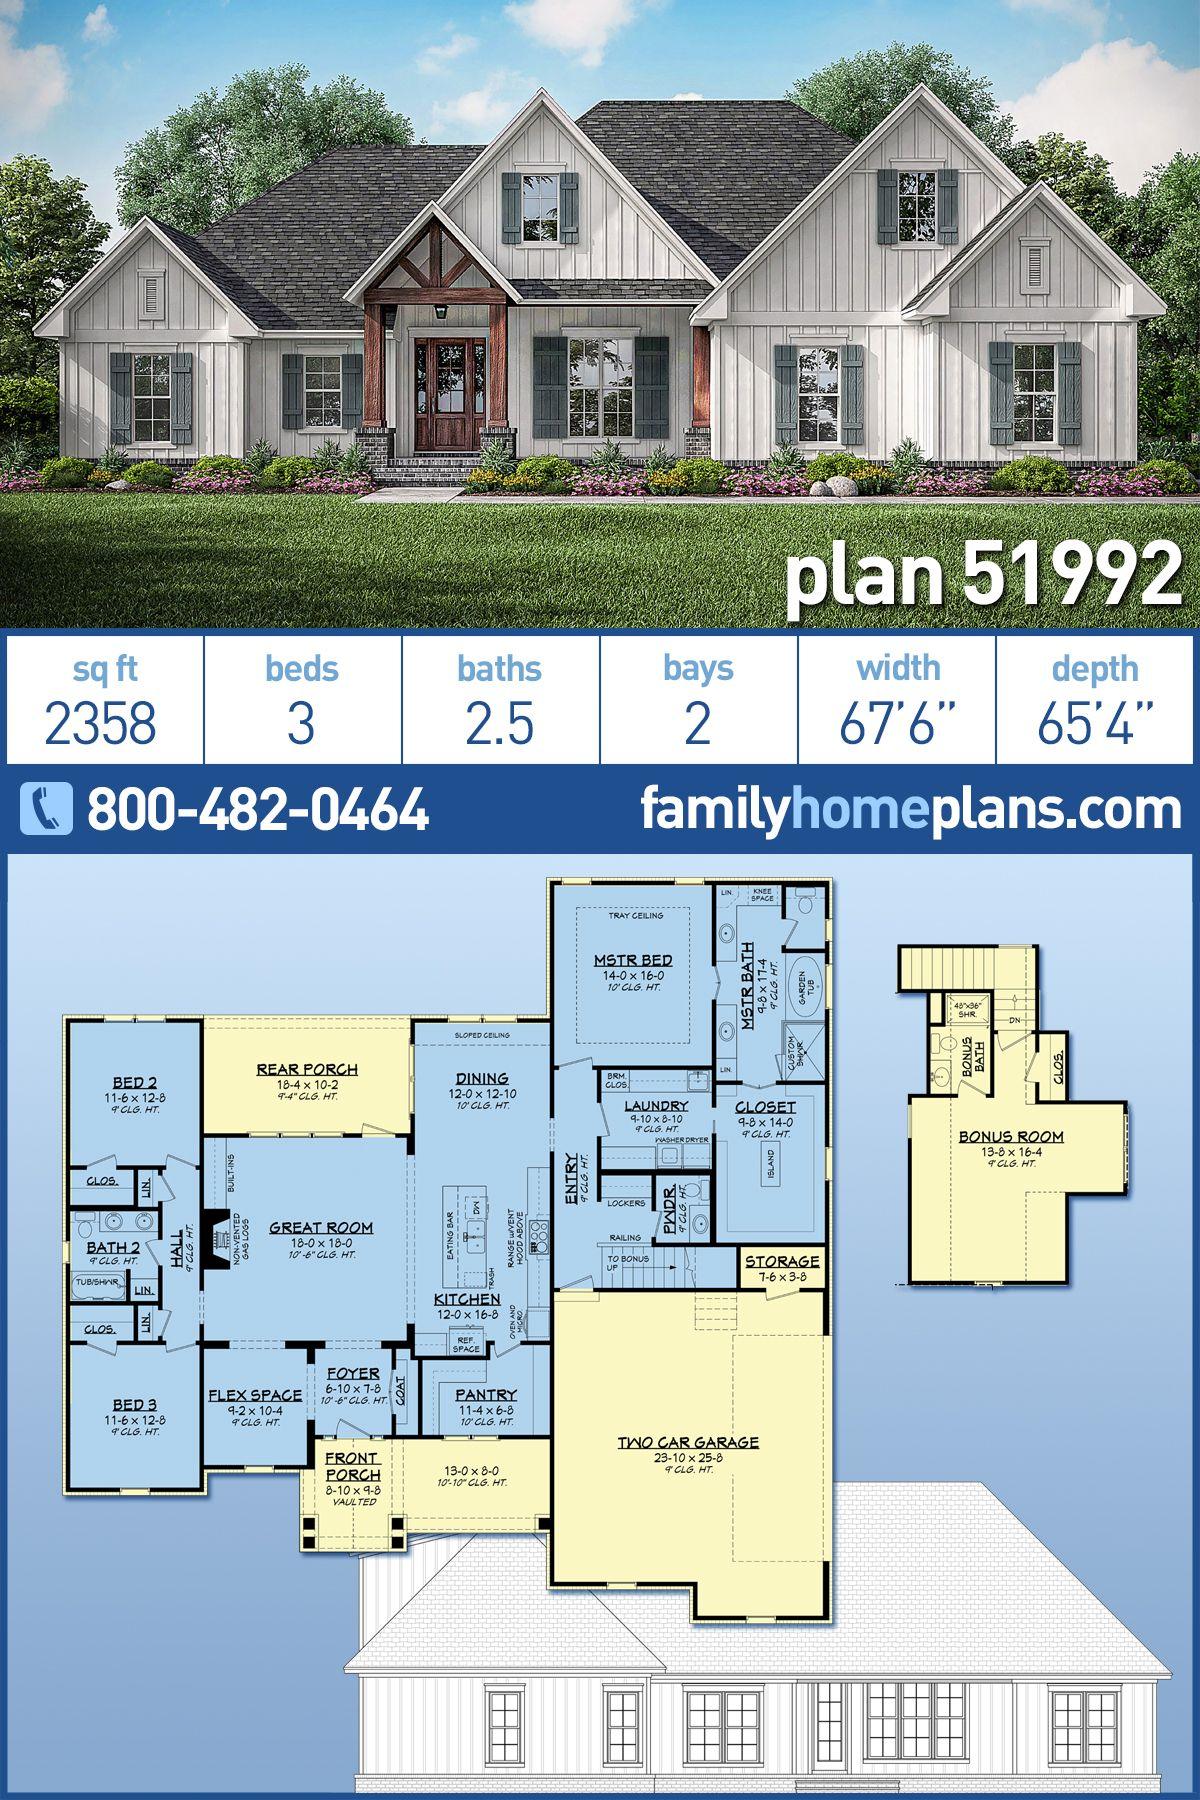 Farmhouse Style House Plan 51992 With 3 Bed 3 Bath 2 Car Garage Family House Plans House Plans Farmhouse Farmhouse Style House Plans